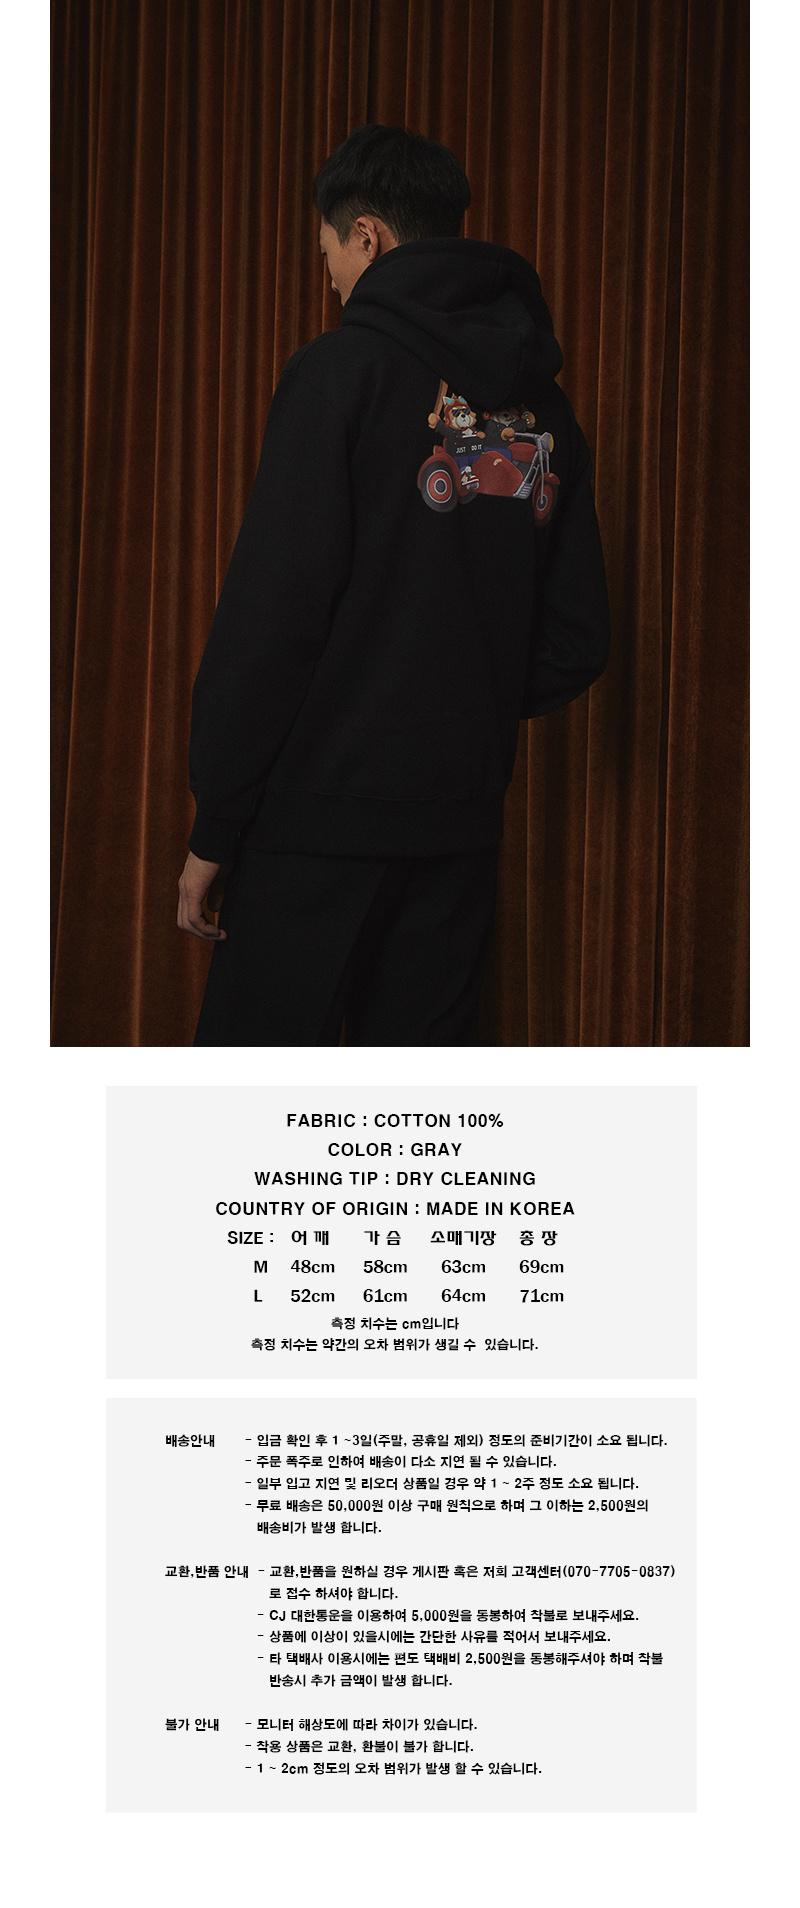 코케트 스튜디오(COQUET STUDIO) [CAPSULE COLLECTION] 레서 팬다 스케이트보더 조단 슈즈 후디[ GRAY ]